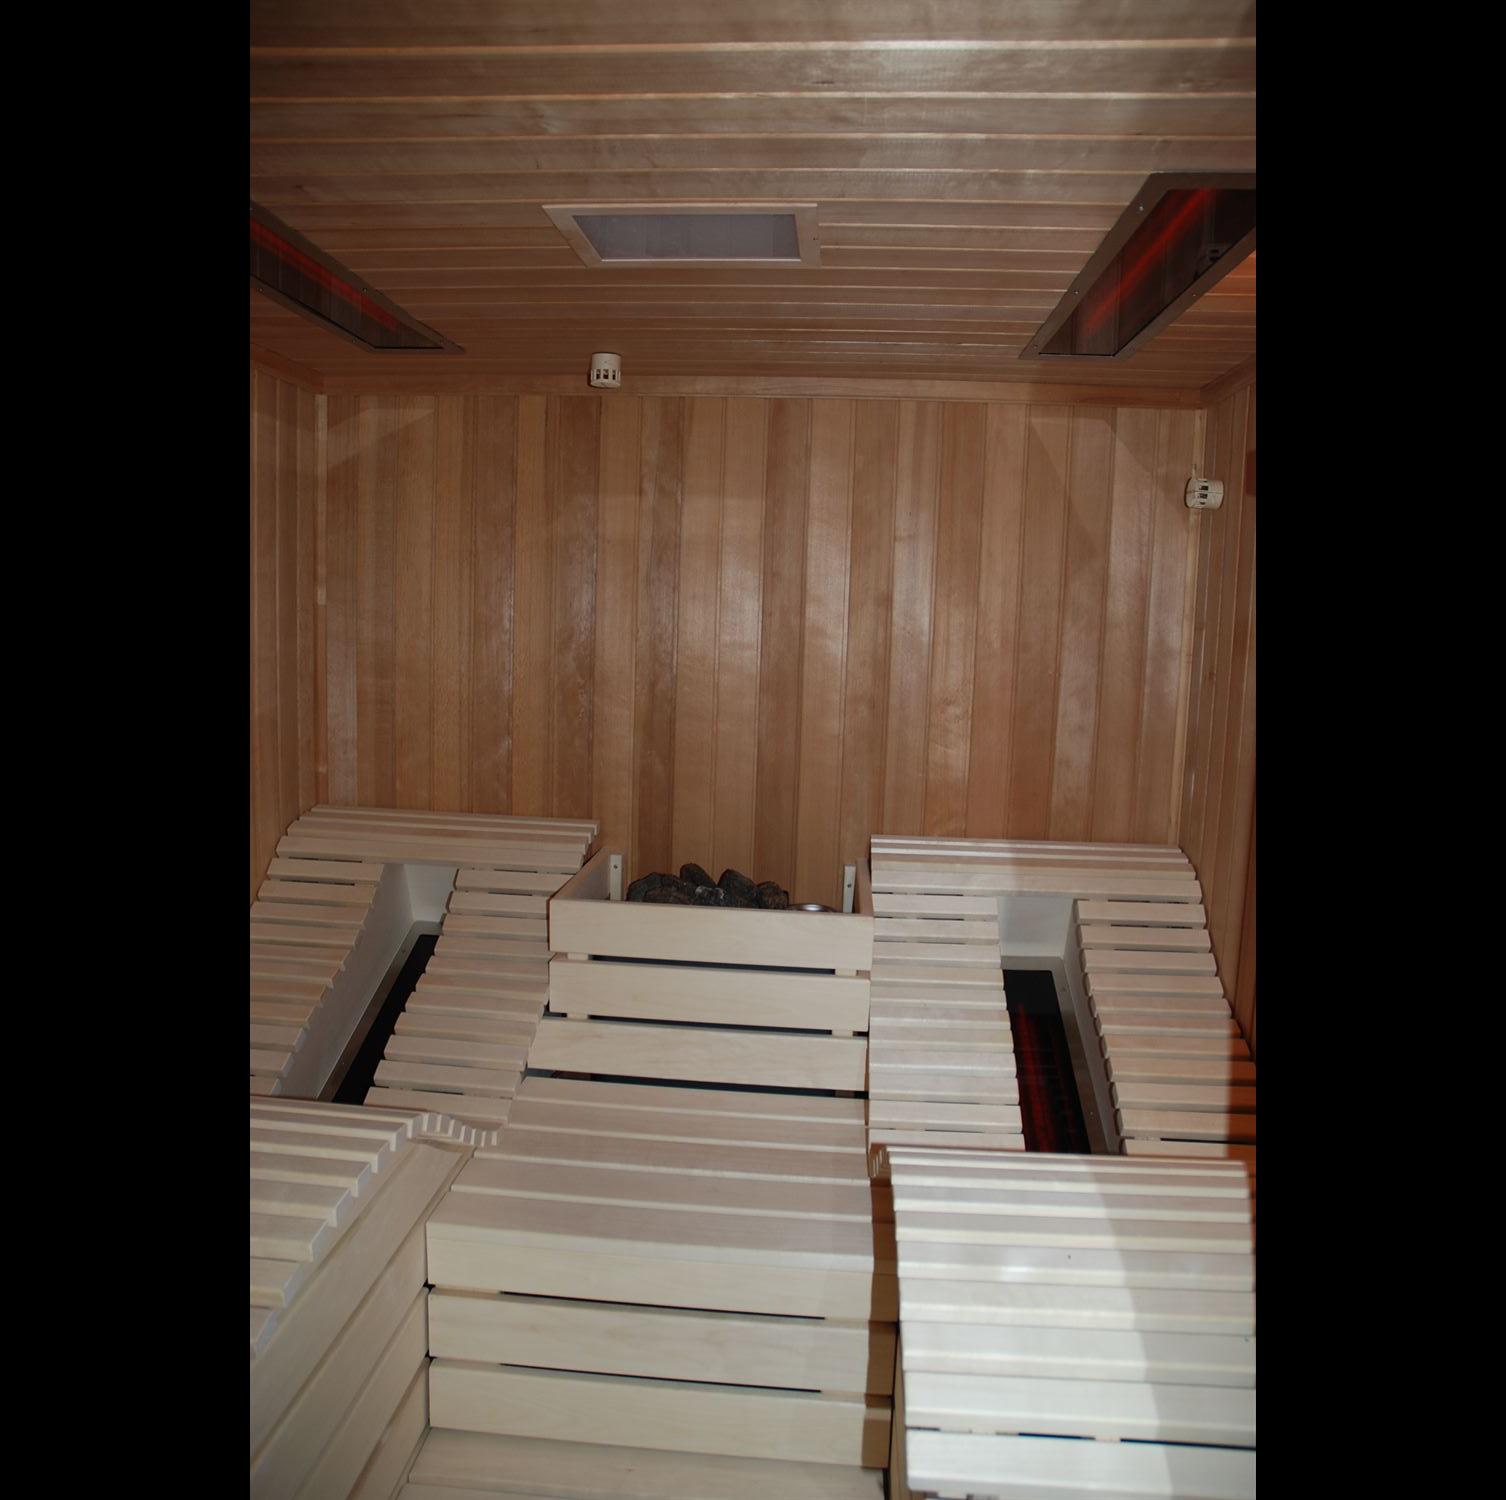 sauna-mit-infrarotplaetzen-001